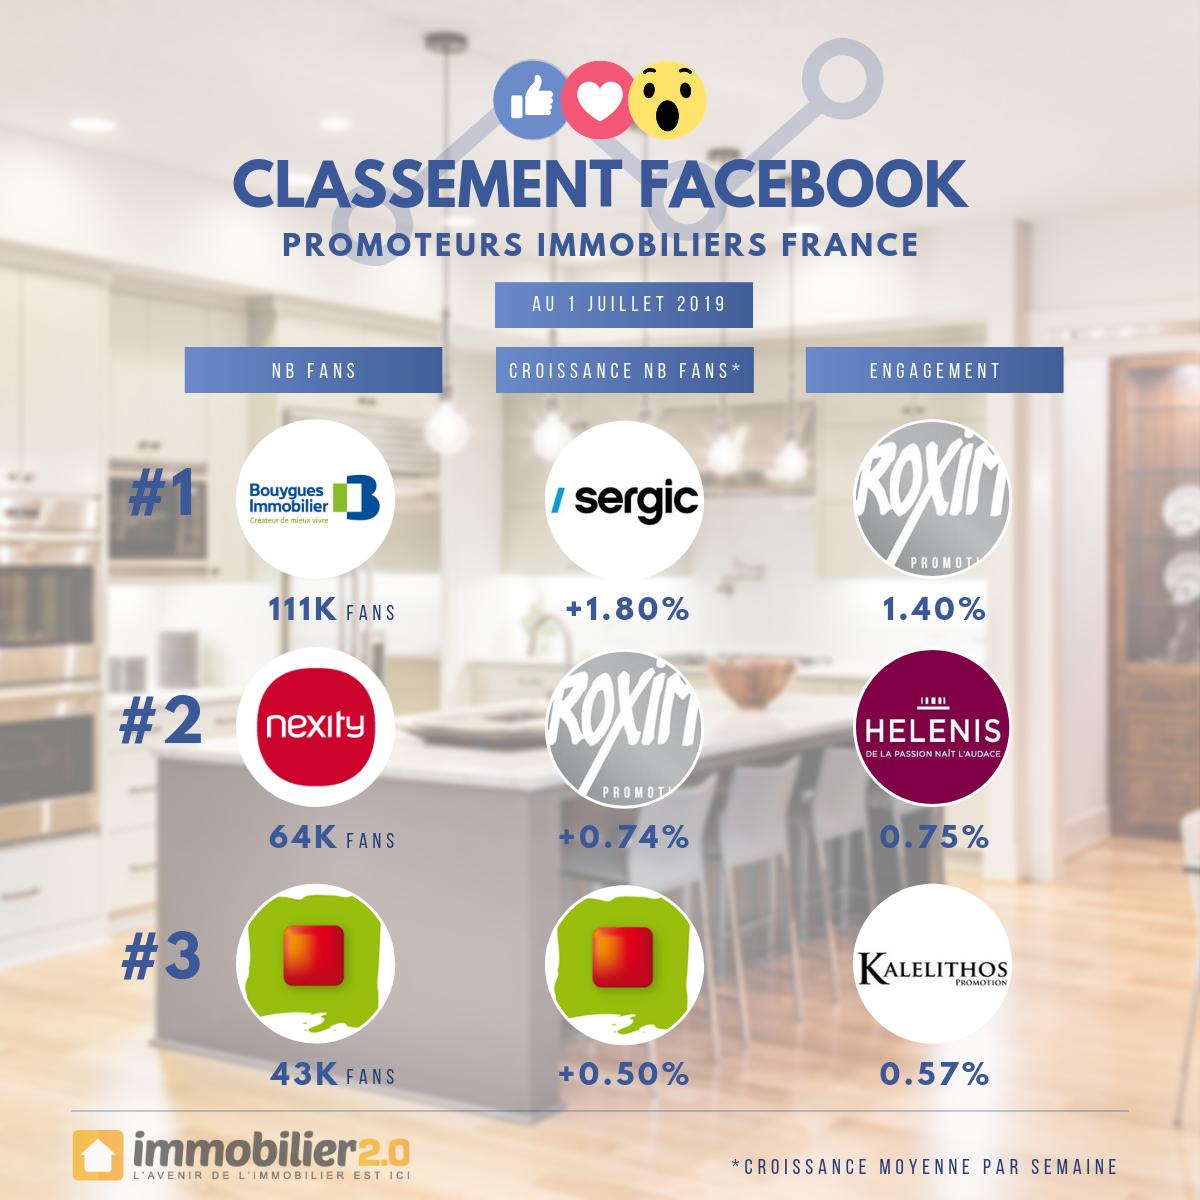 Classement Facebook Promoteurs Immobiliers France Juillet 2019